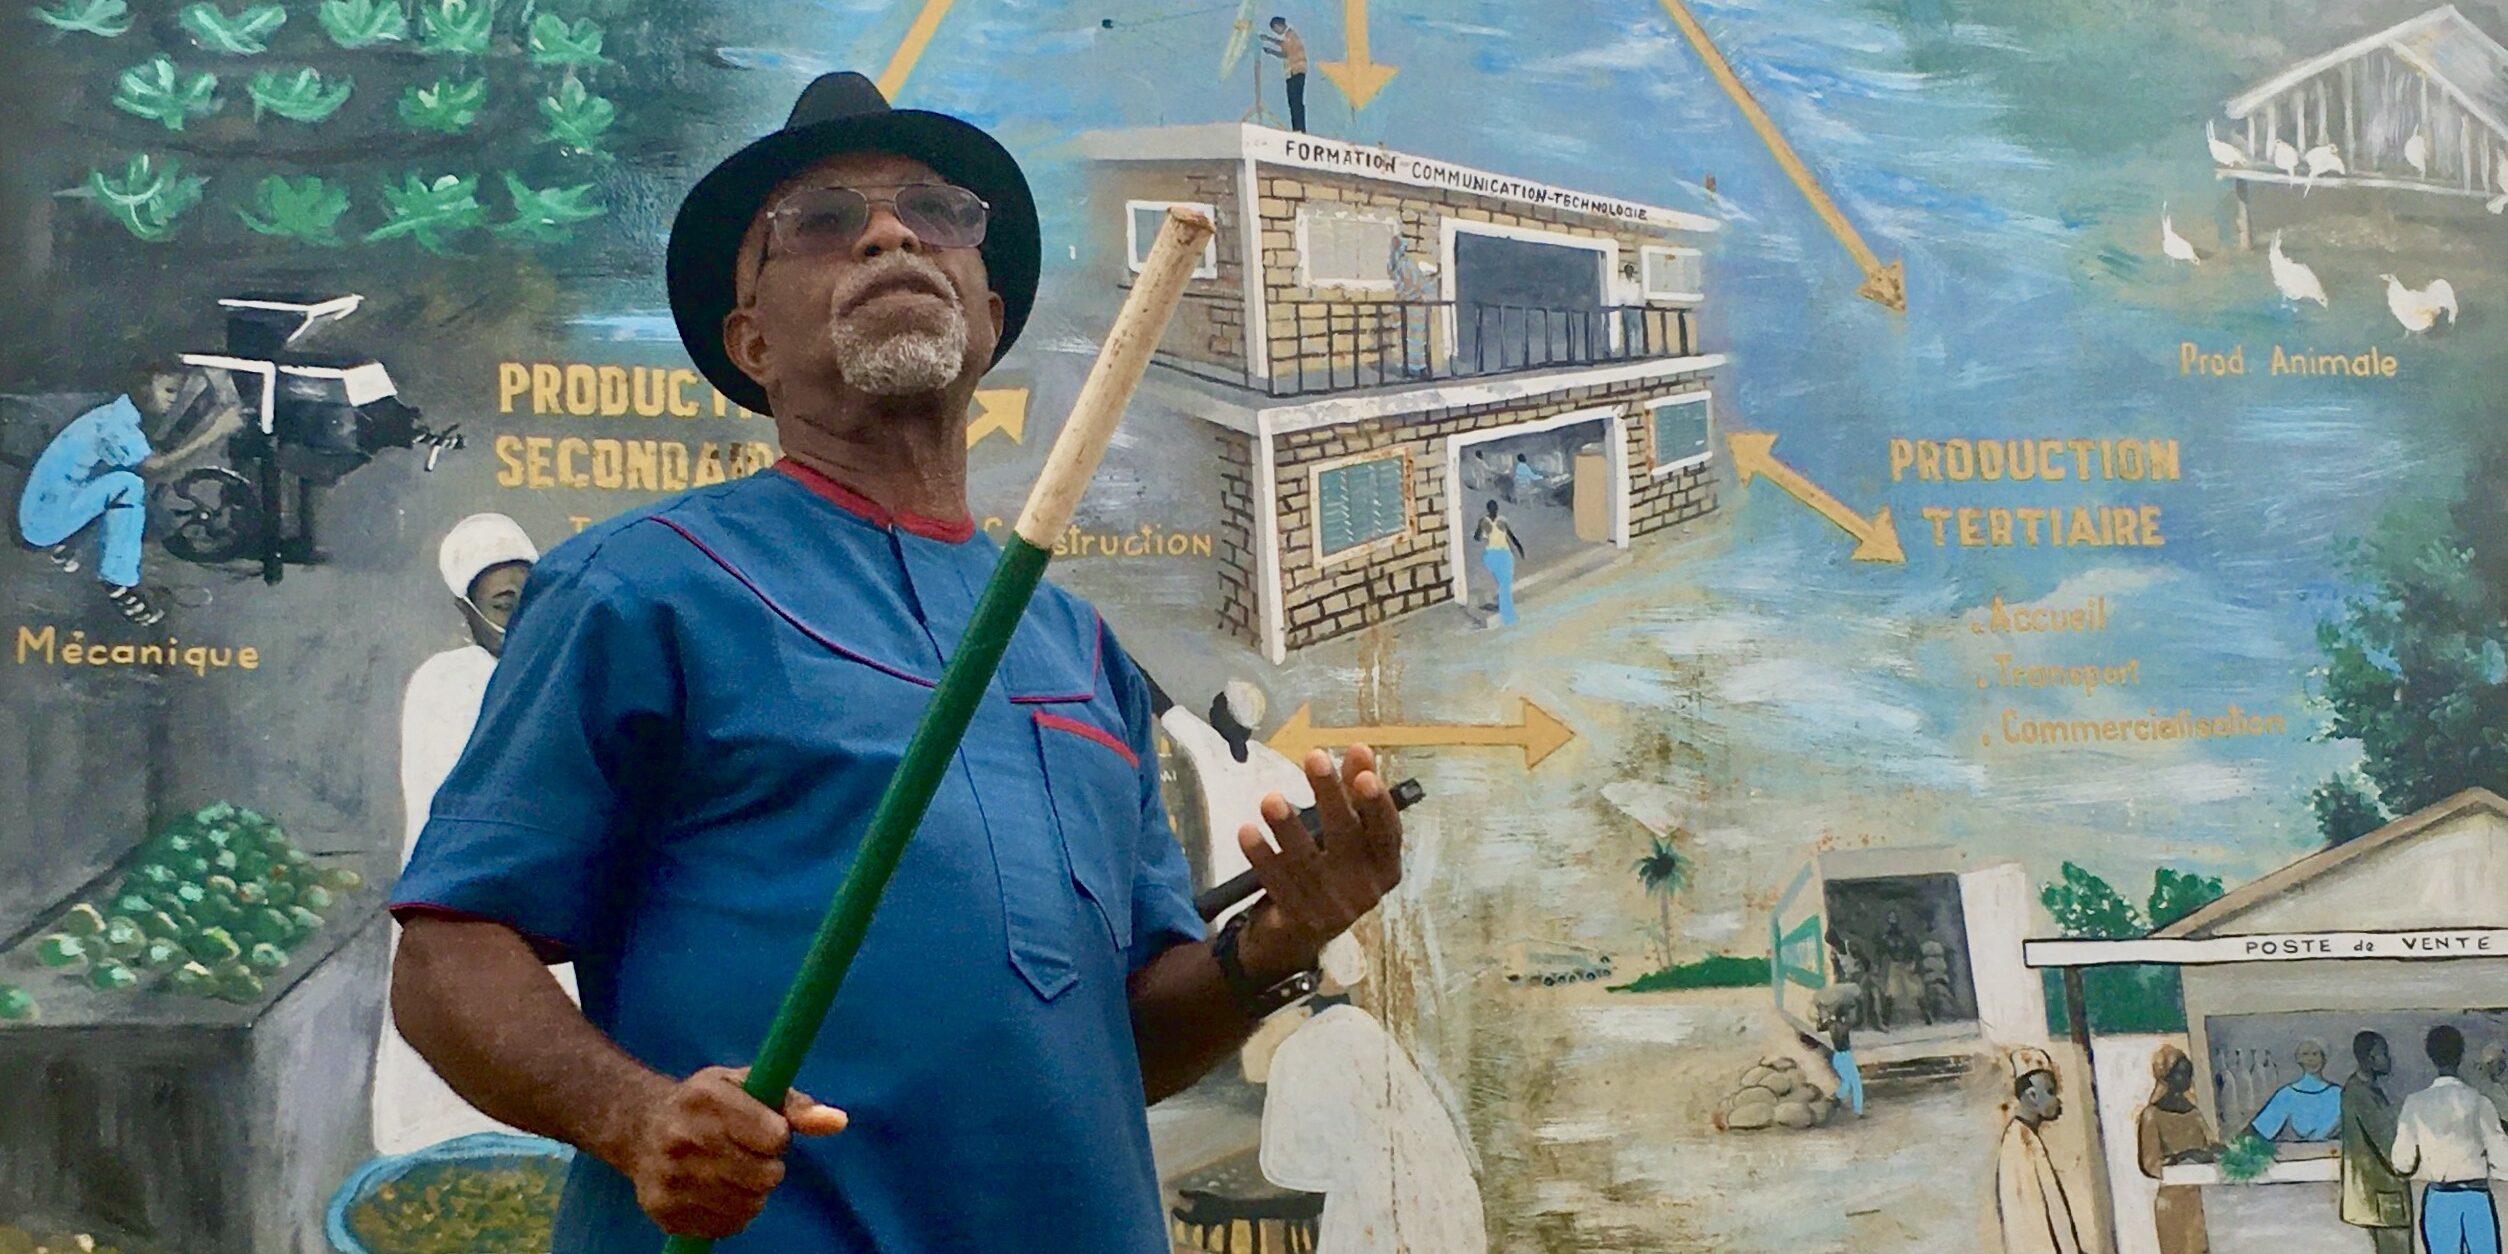 Godfrey Nzamujo